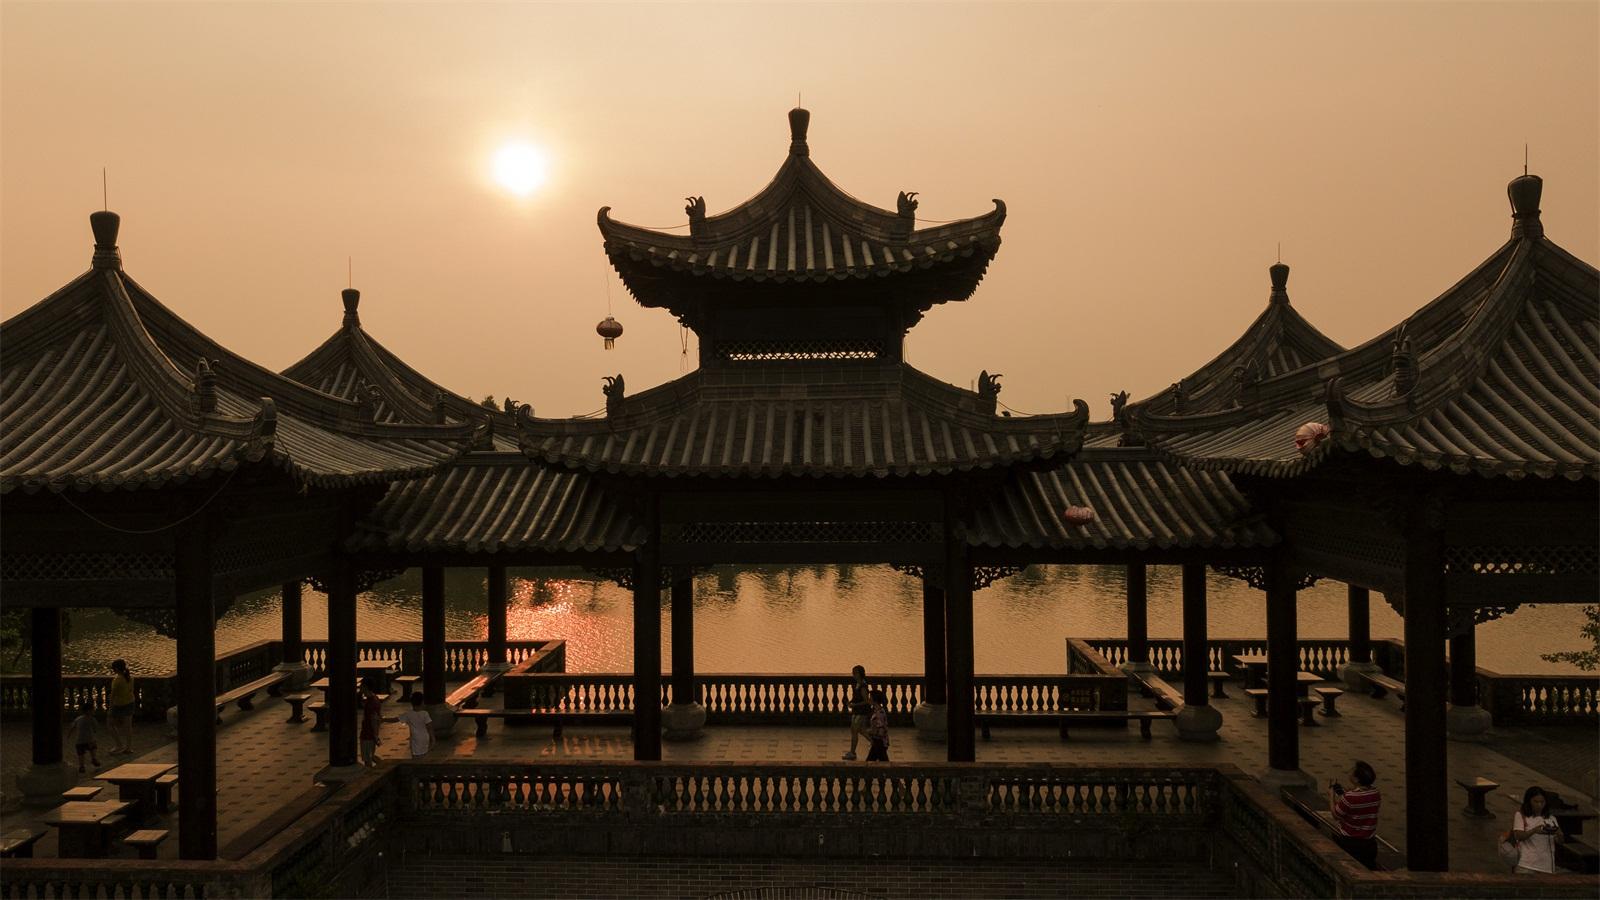 岭南园林与北京的皇家园林(颐和园),苏州的江南园林(拙政园,网师园等)图片